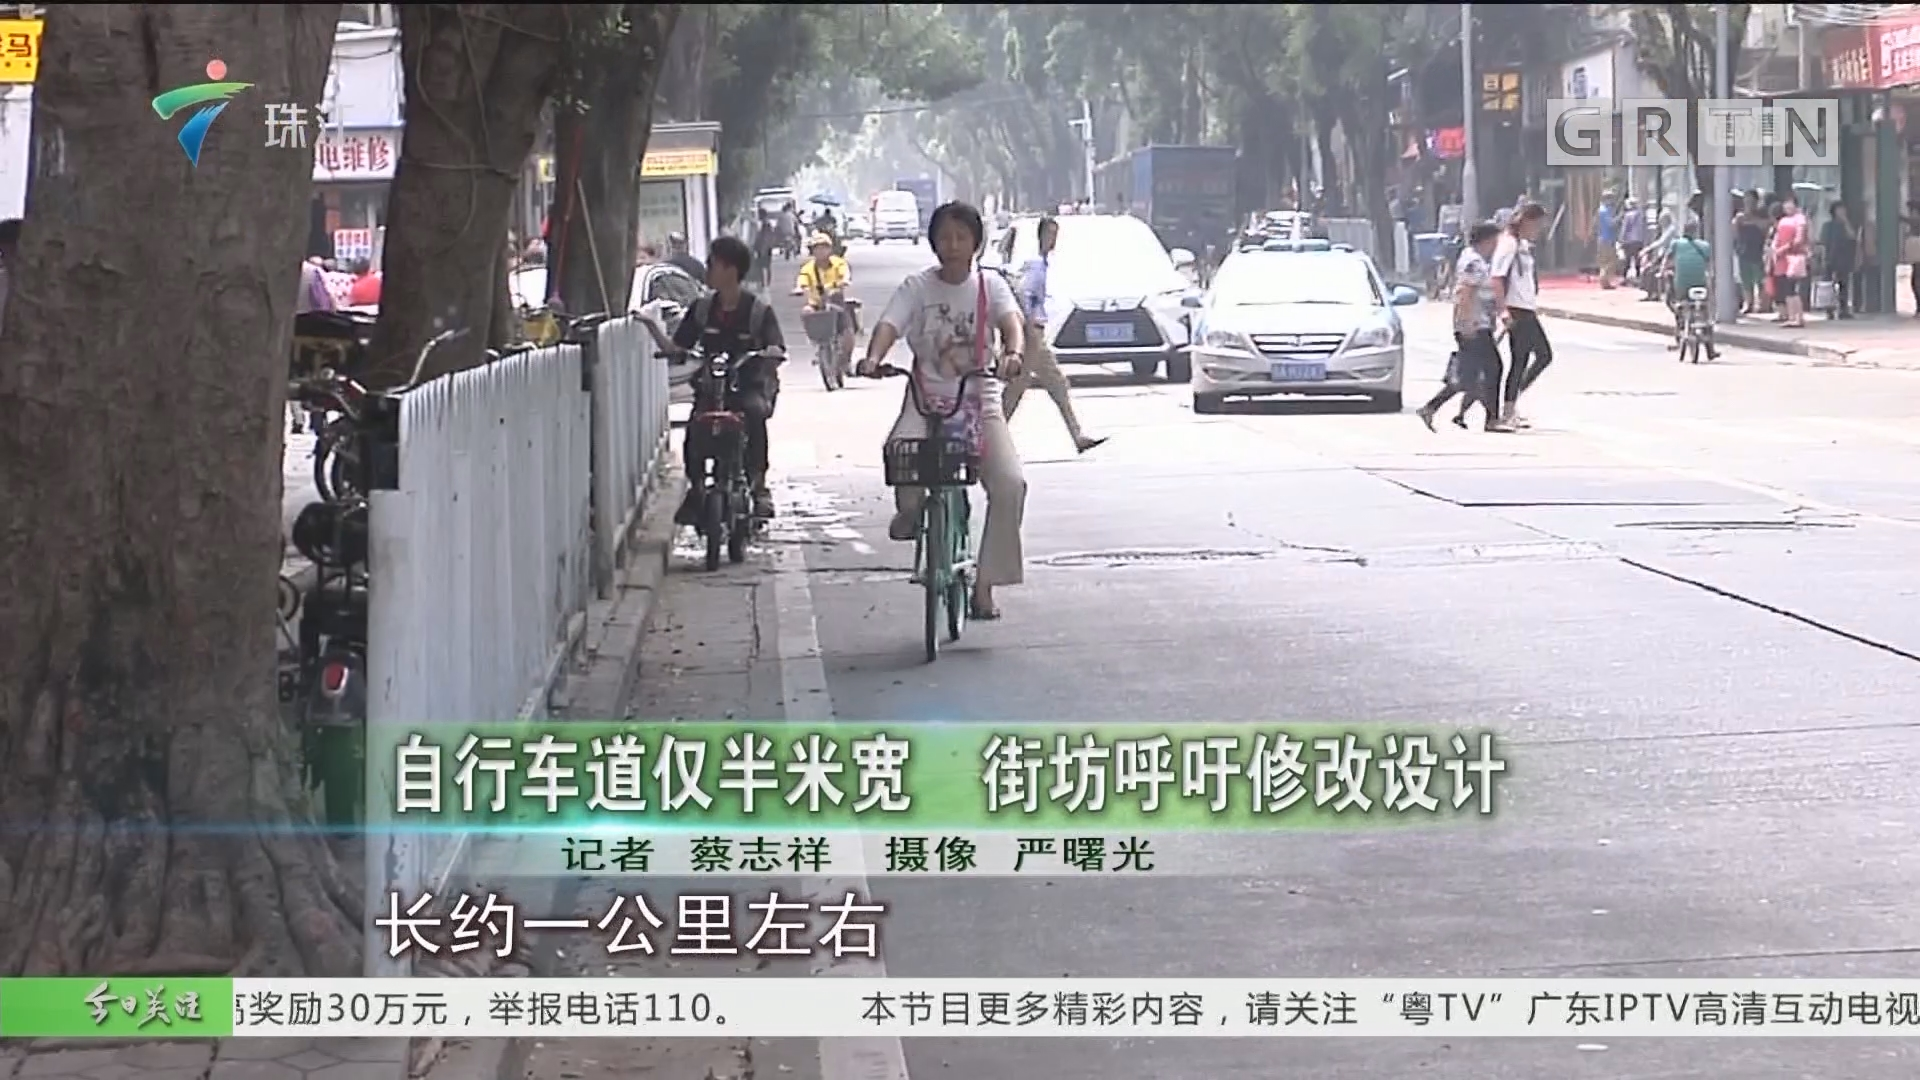 自行车道仅半米宽 街坊呼吁修改设计